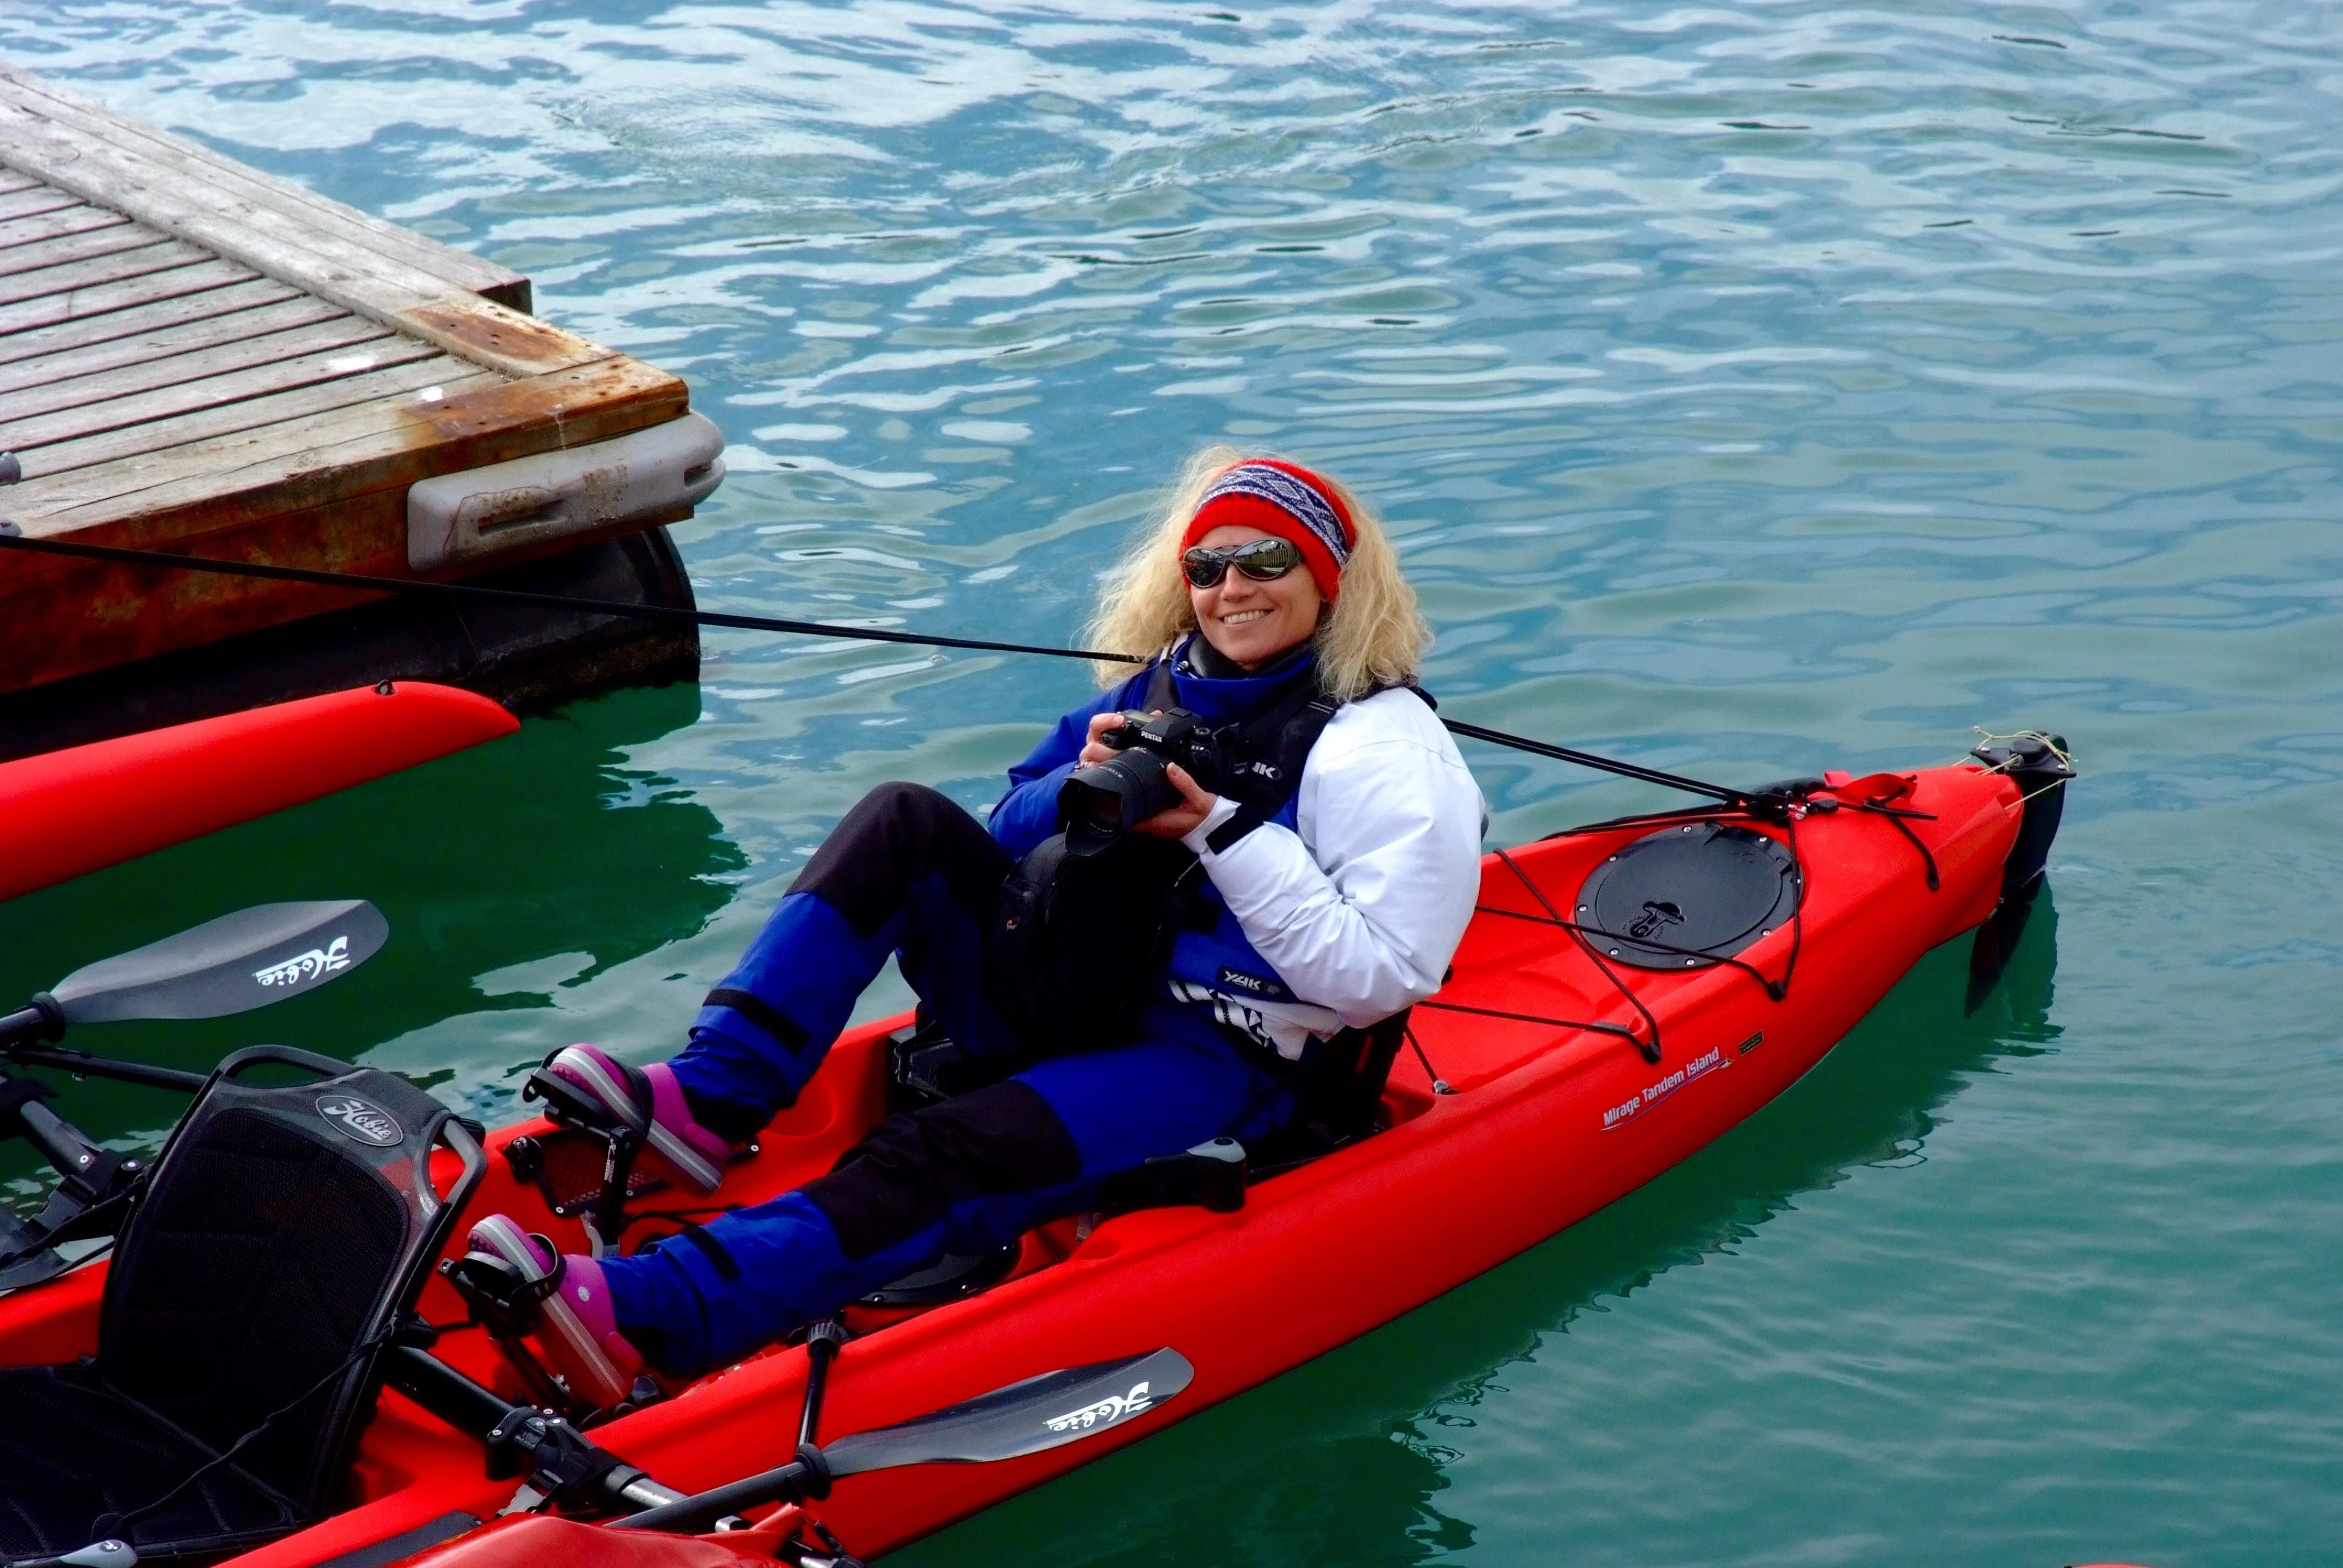 Isabelle Berger,  © 69 Nord Sommarøy Outdoor Center, Dagstur med Seilkajakk utenfor allfarvei – 69 Nord Sommarøy Outdoor Center